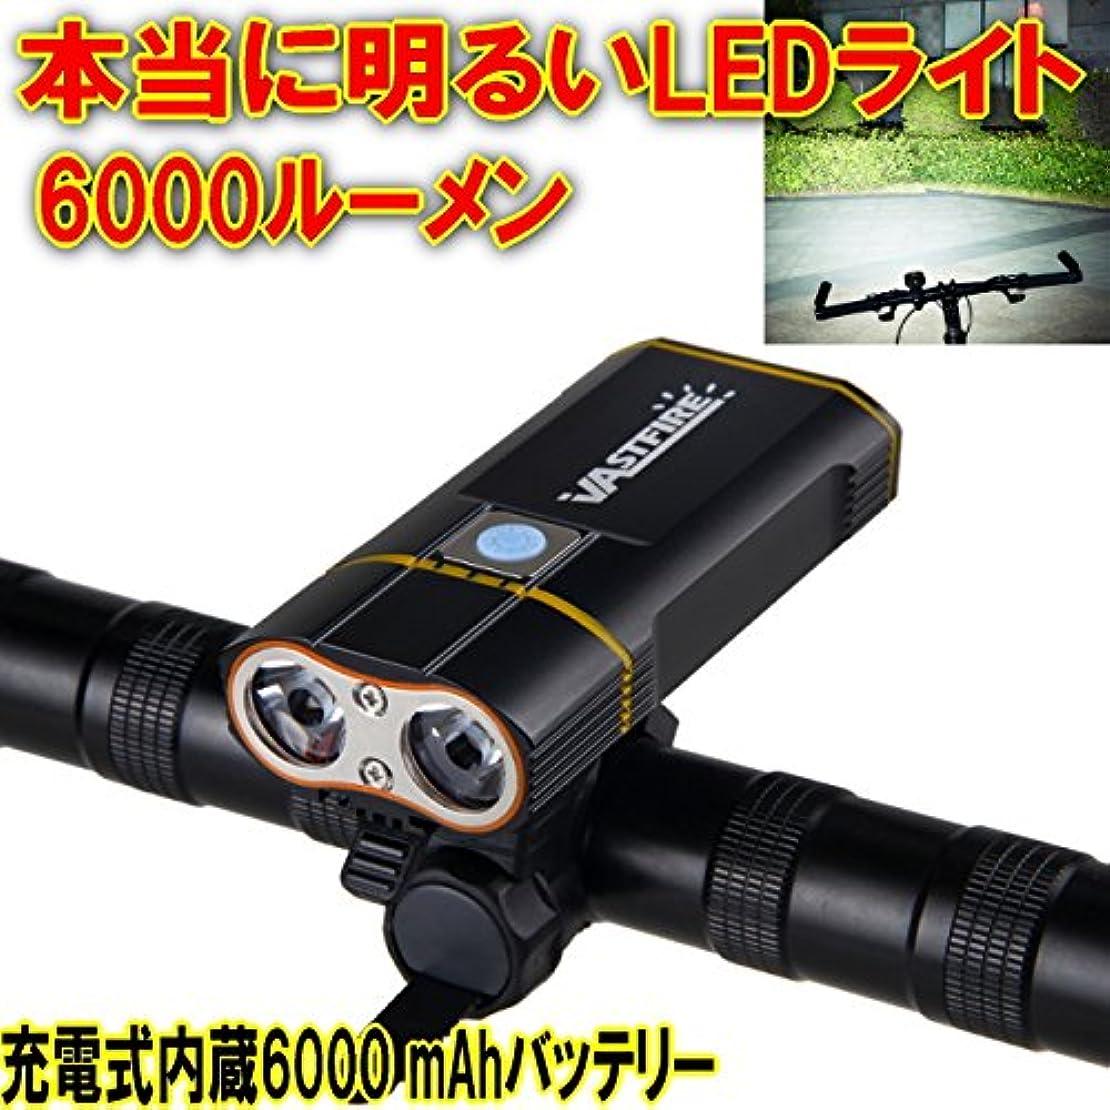 バスケットボール聖歌美的本当に明るいLED自転車ライト USB充電式LEDライト 爆光6000mAh大容量電池 高輝度サイクルライト6000ルーメン キャットアイレベルに明るい